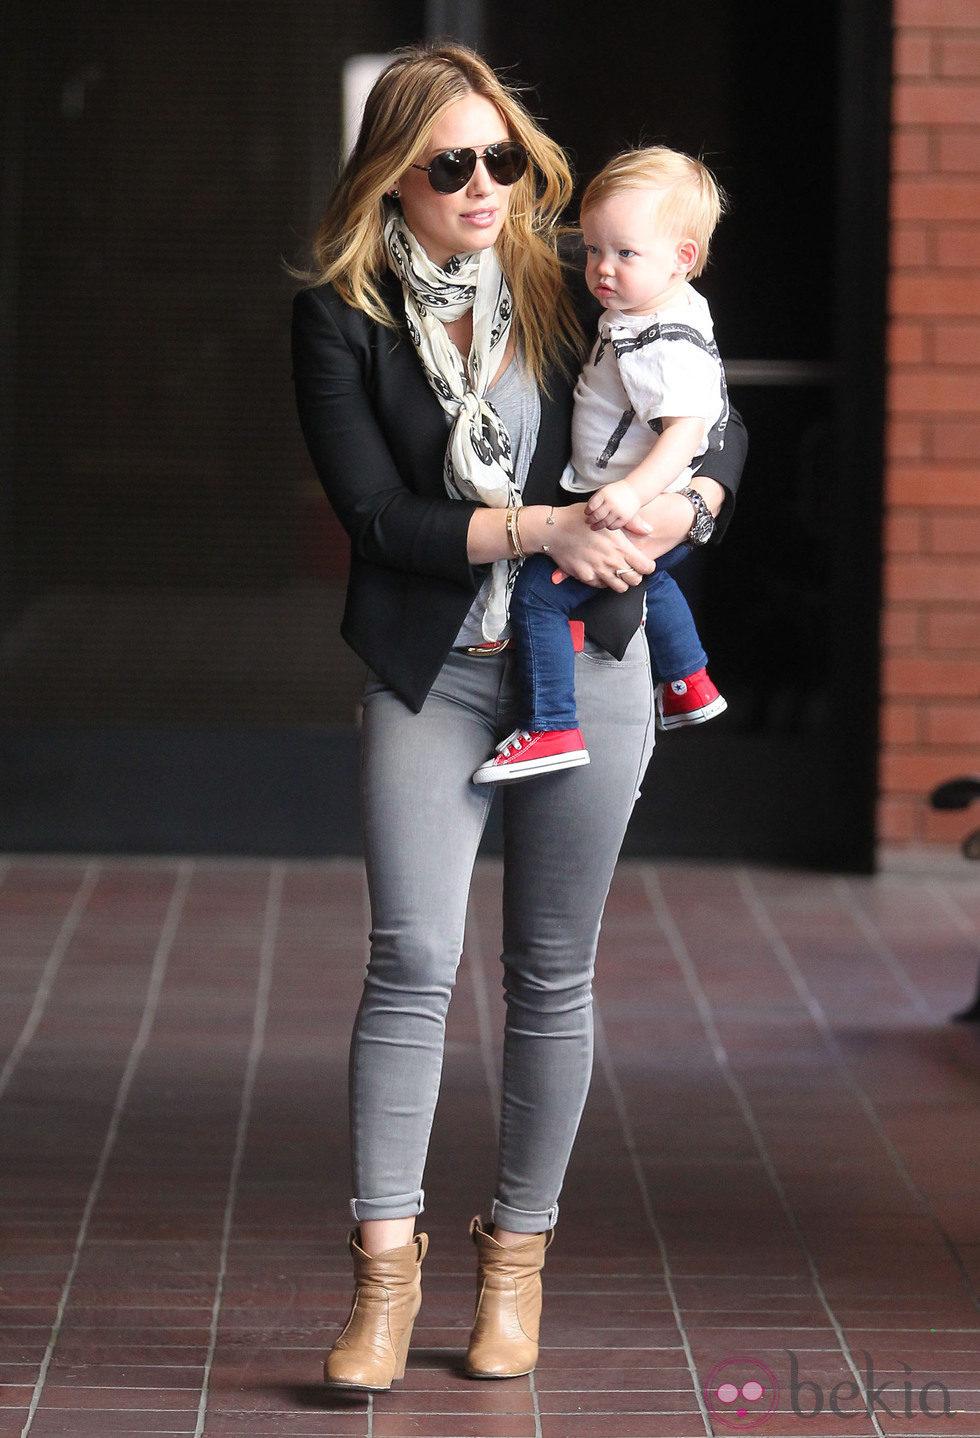 Hilary Duff con su hijo Luca Comrie cogido en brazos